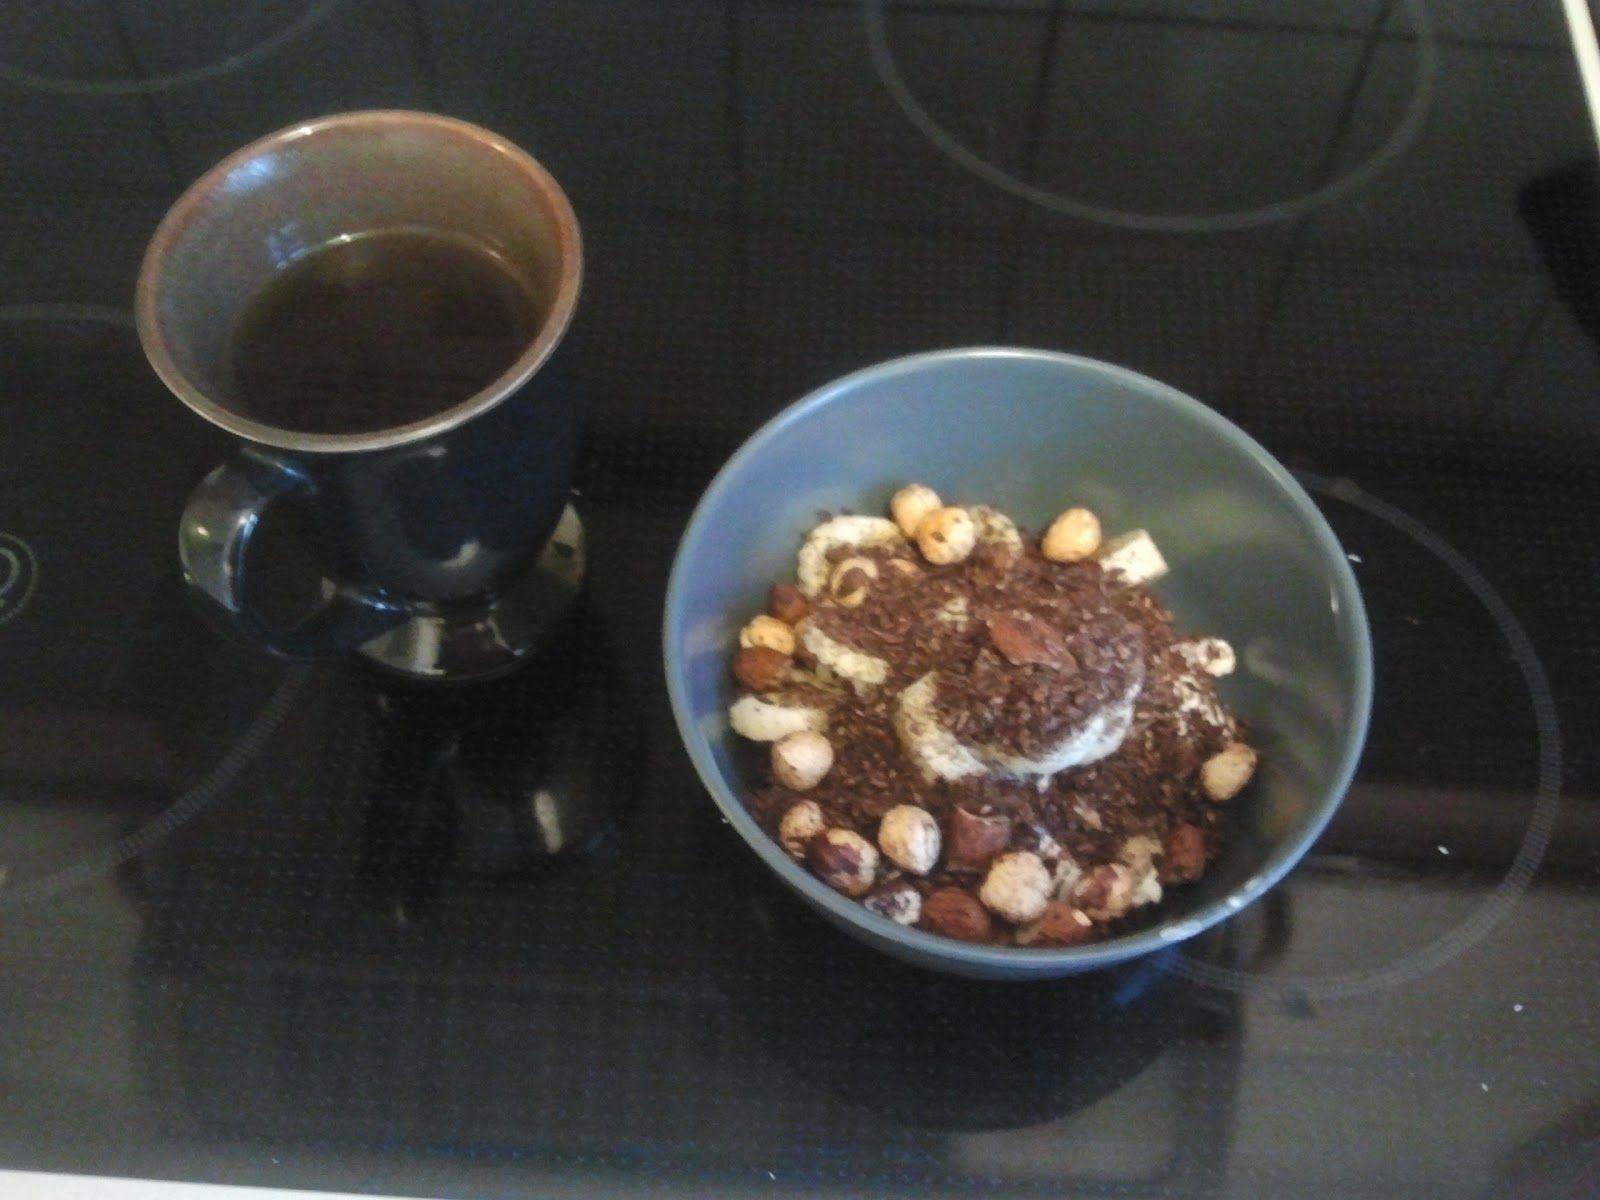 Chokodrys til morgenmad: Mandler, hasselnødder, Kokosmel, HUSK, Vanilje (uden sukker) og kakaopulver - - LCHF, Keto, Lavkarbo, Low-carb osv